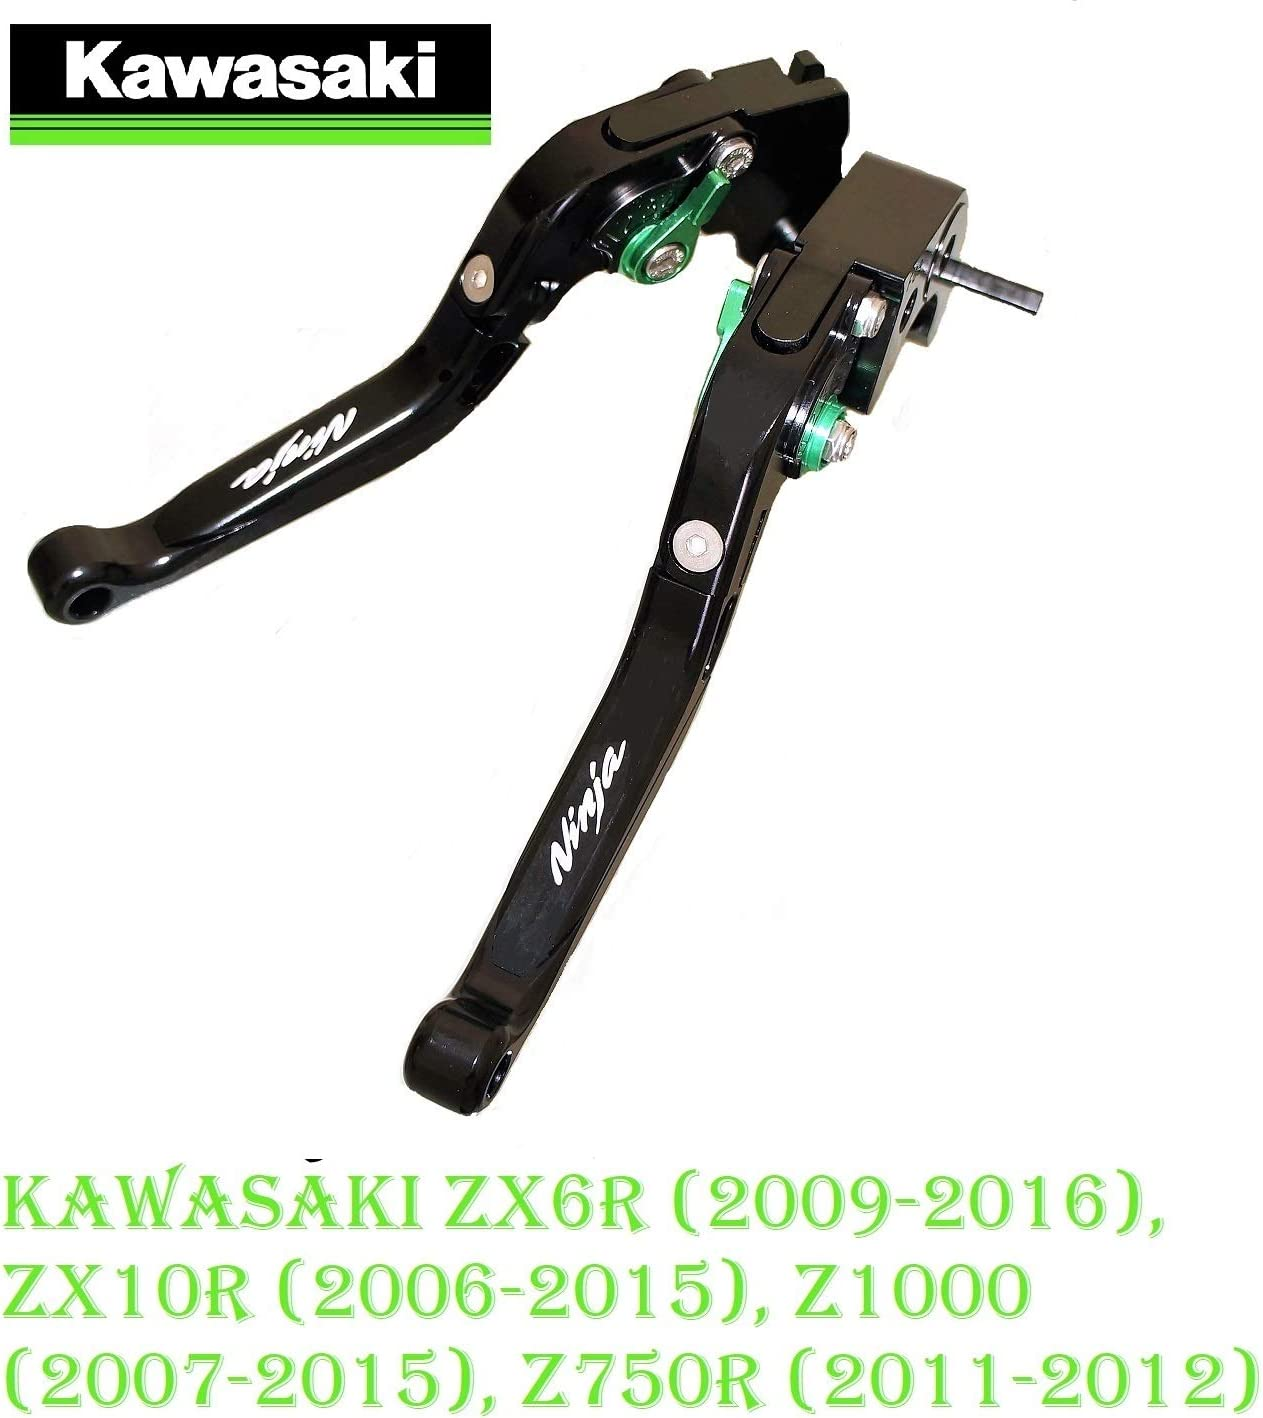 Motocicleta CNC Ajustable Palanca de Embrague de Freno para Kawasaki Z1000 2003-2006 Versys 1000 2012-2014 Kawasaki ZX6R ZX636R ZX6RR 2000-2004 ZX10R 2004 2005 ZX9R 2000-2003 ZX12R 2000-2005-TBGB